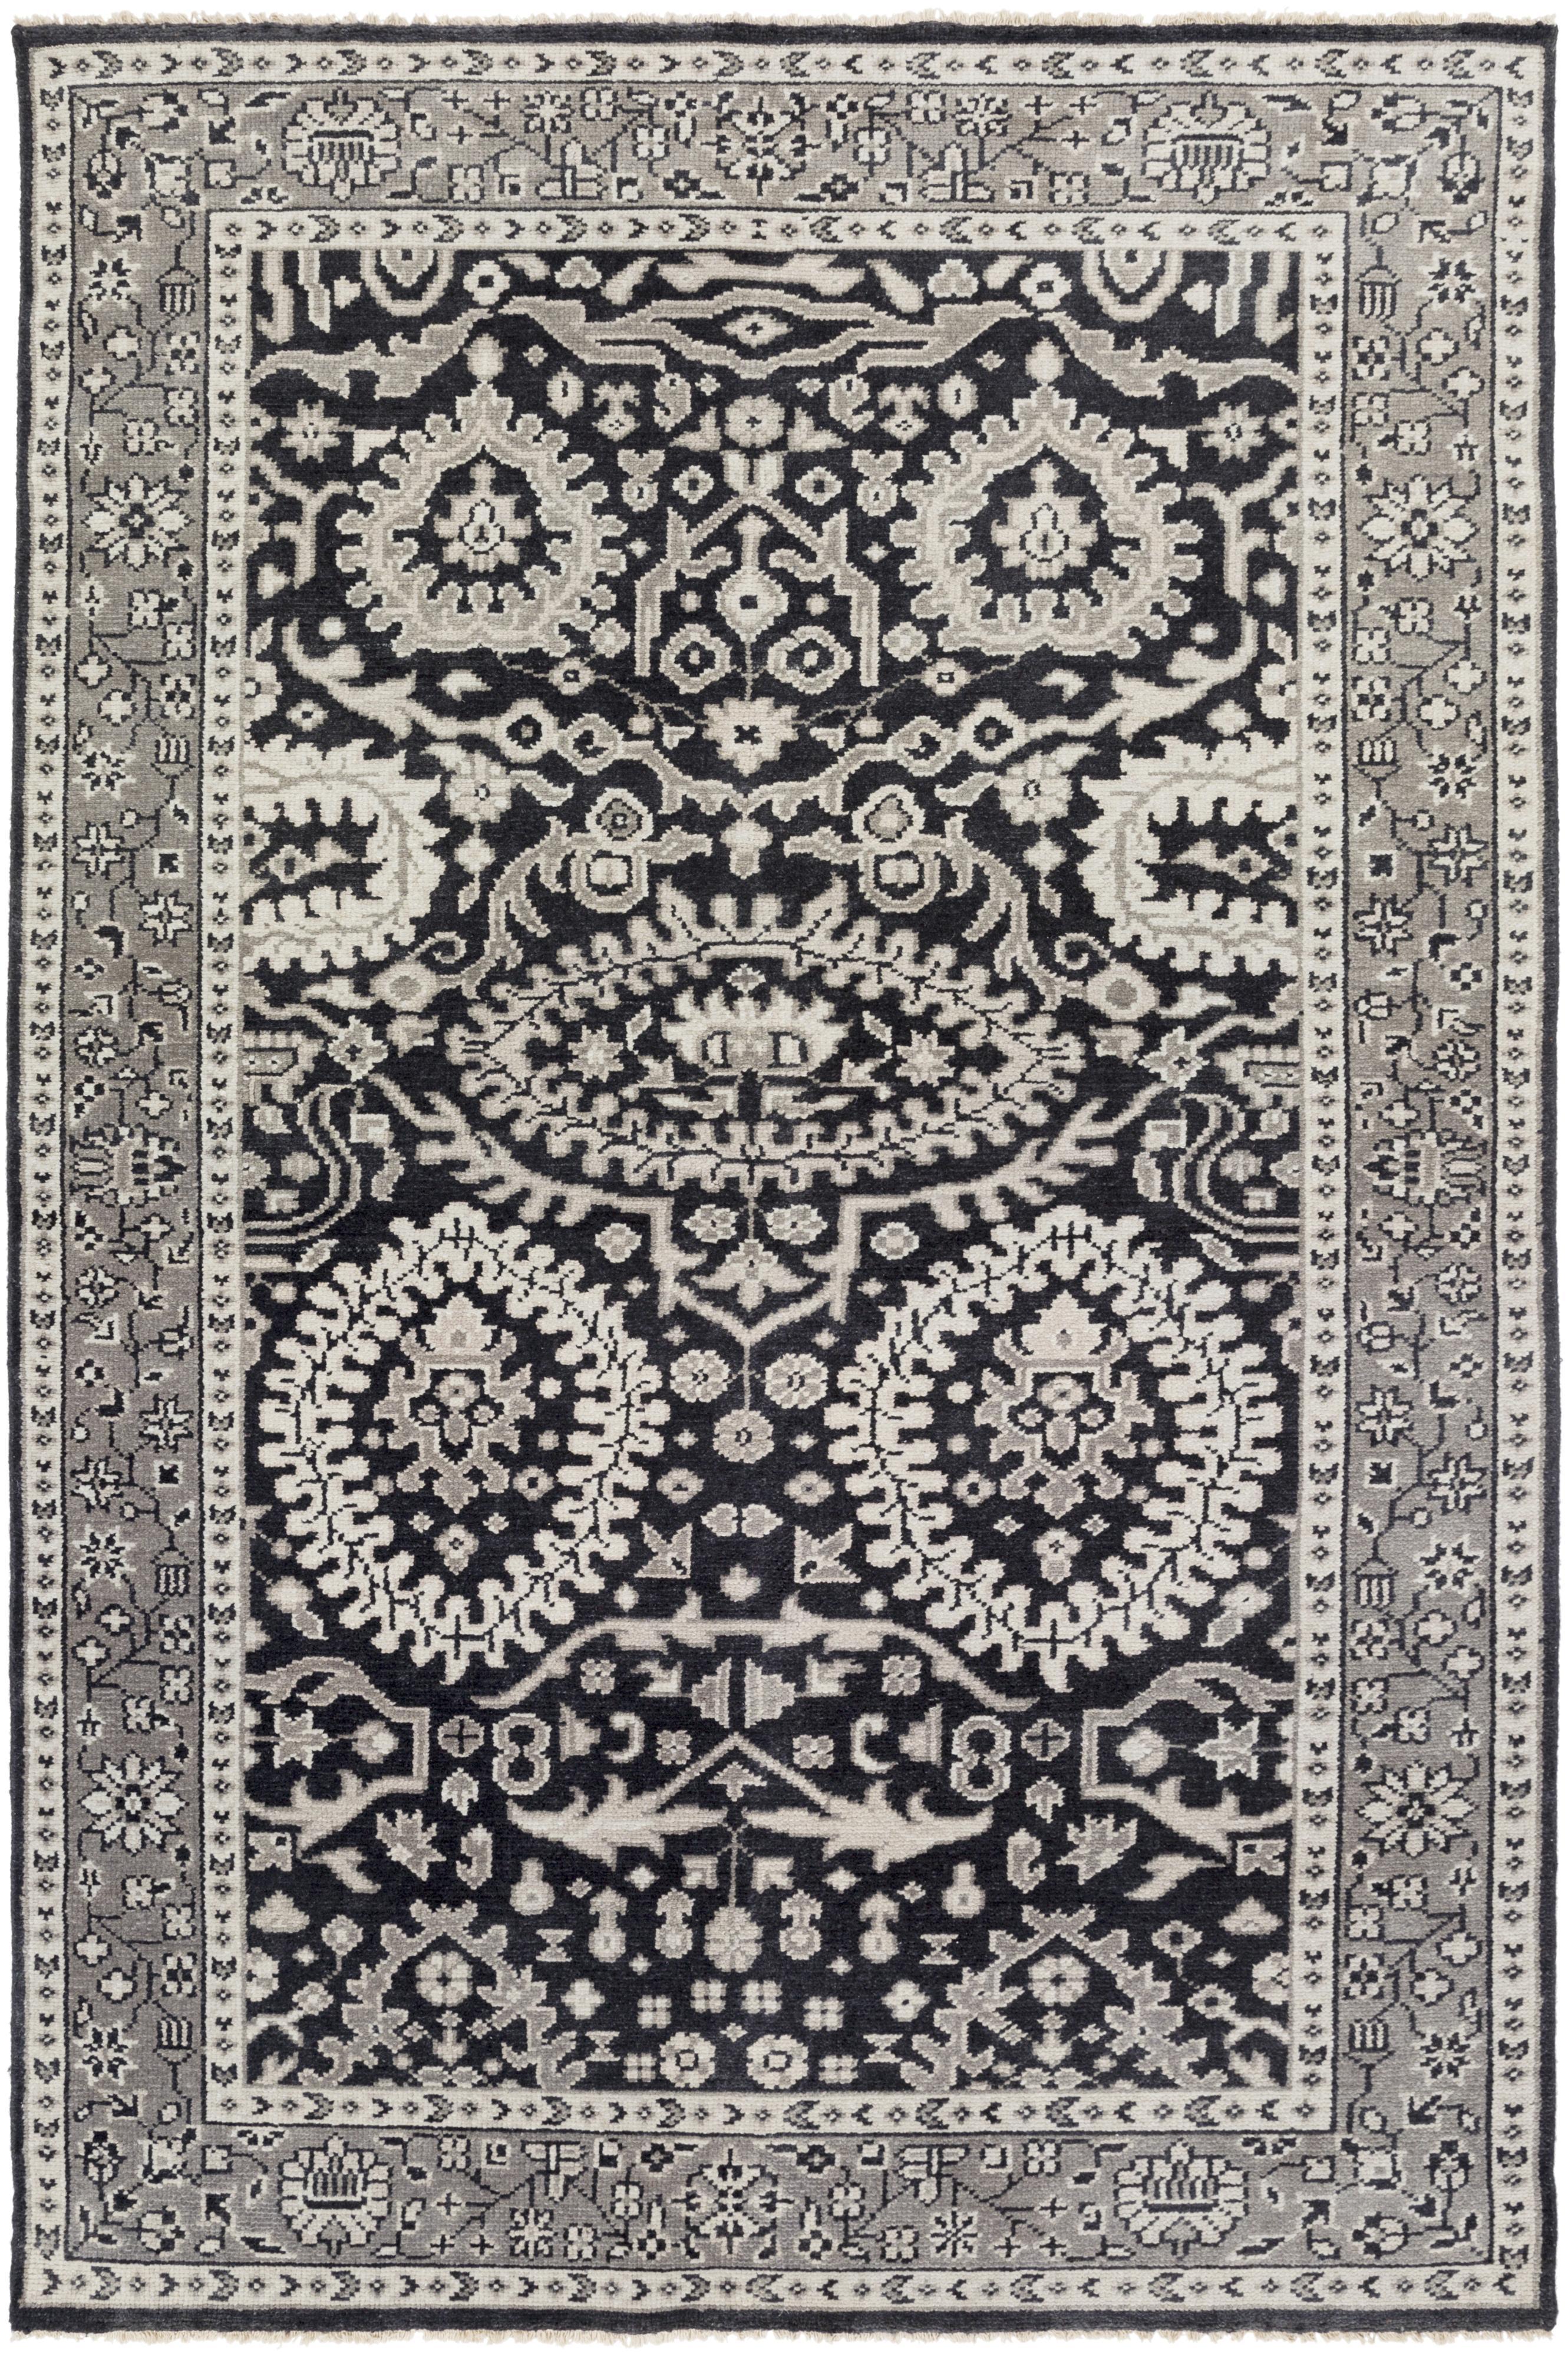 Surya Rugs Cappadocia 8' x 11' - Item Number: CPP5003-811